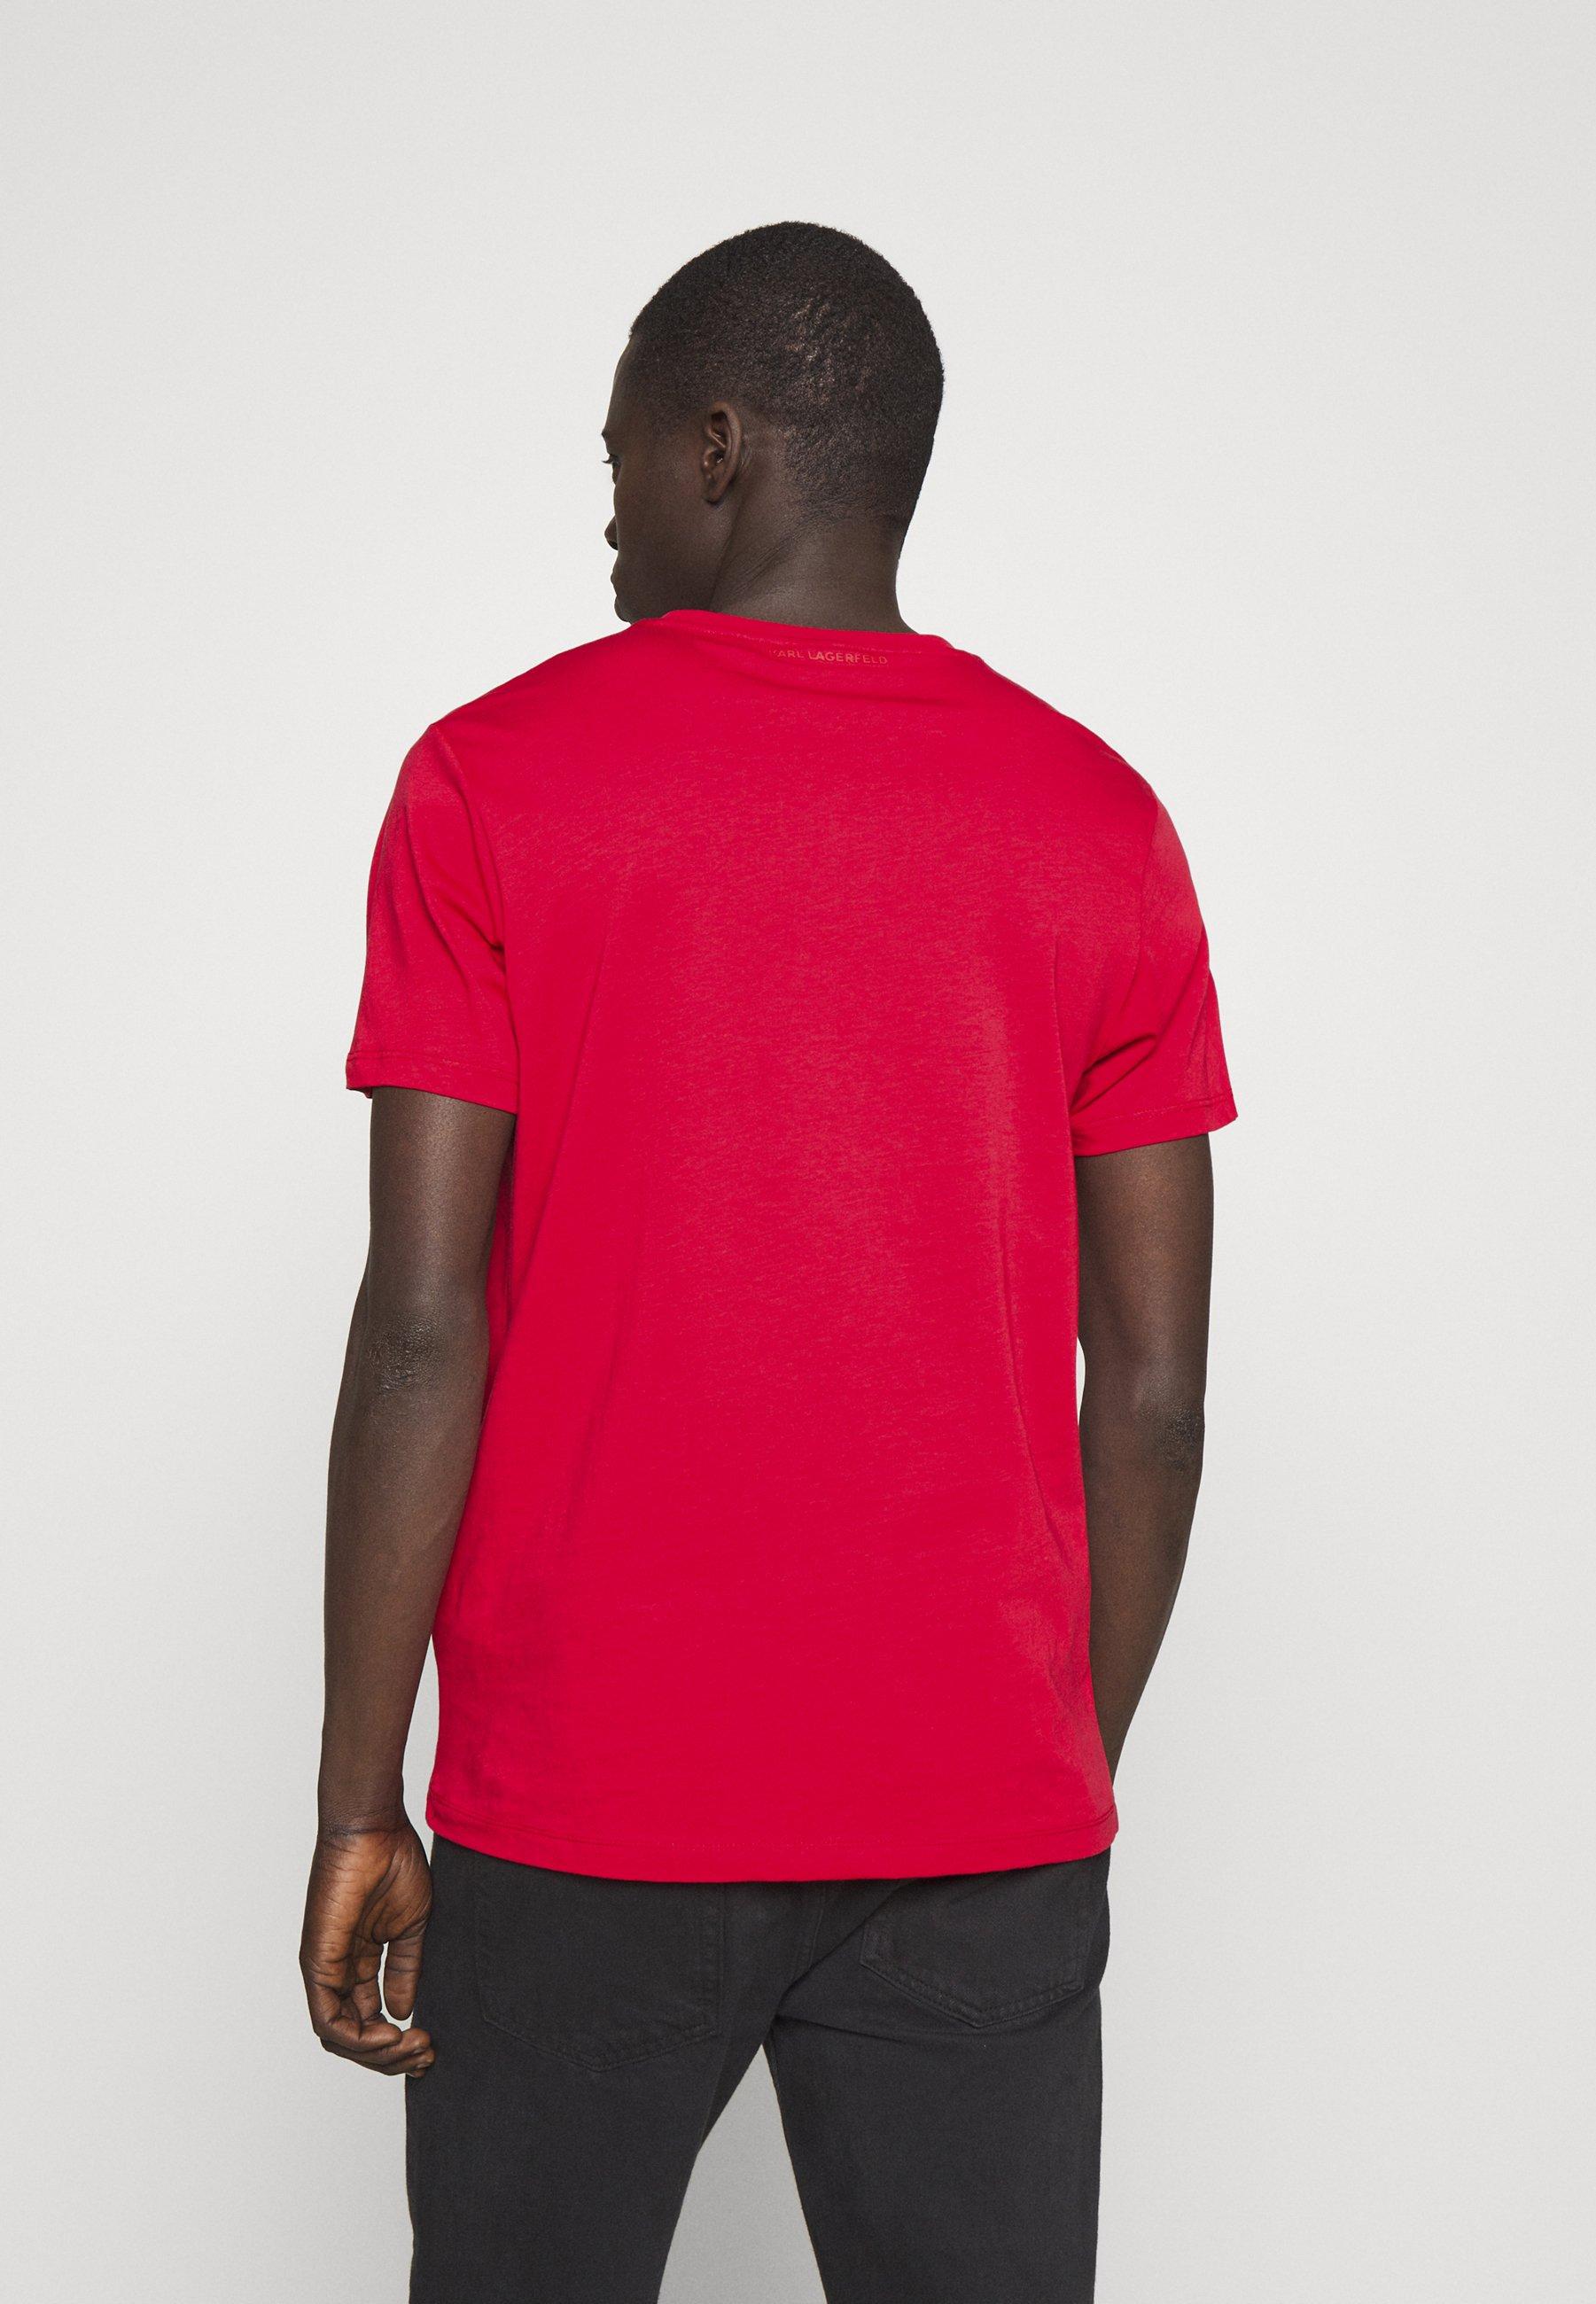 Tania cena Gorąca wyprzedaż KARL LAGERFELD CREWNECK - T-shirt z nadrukiem - red   Odzież męska 2020 TALcb